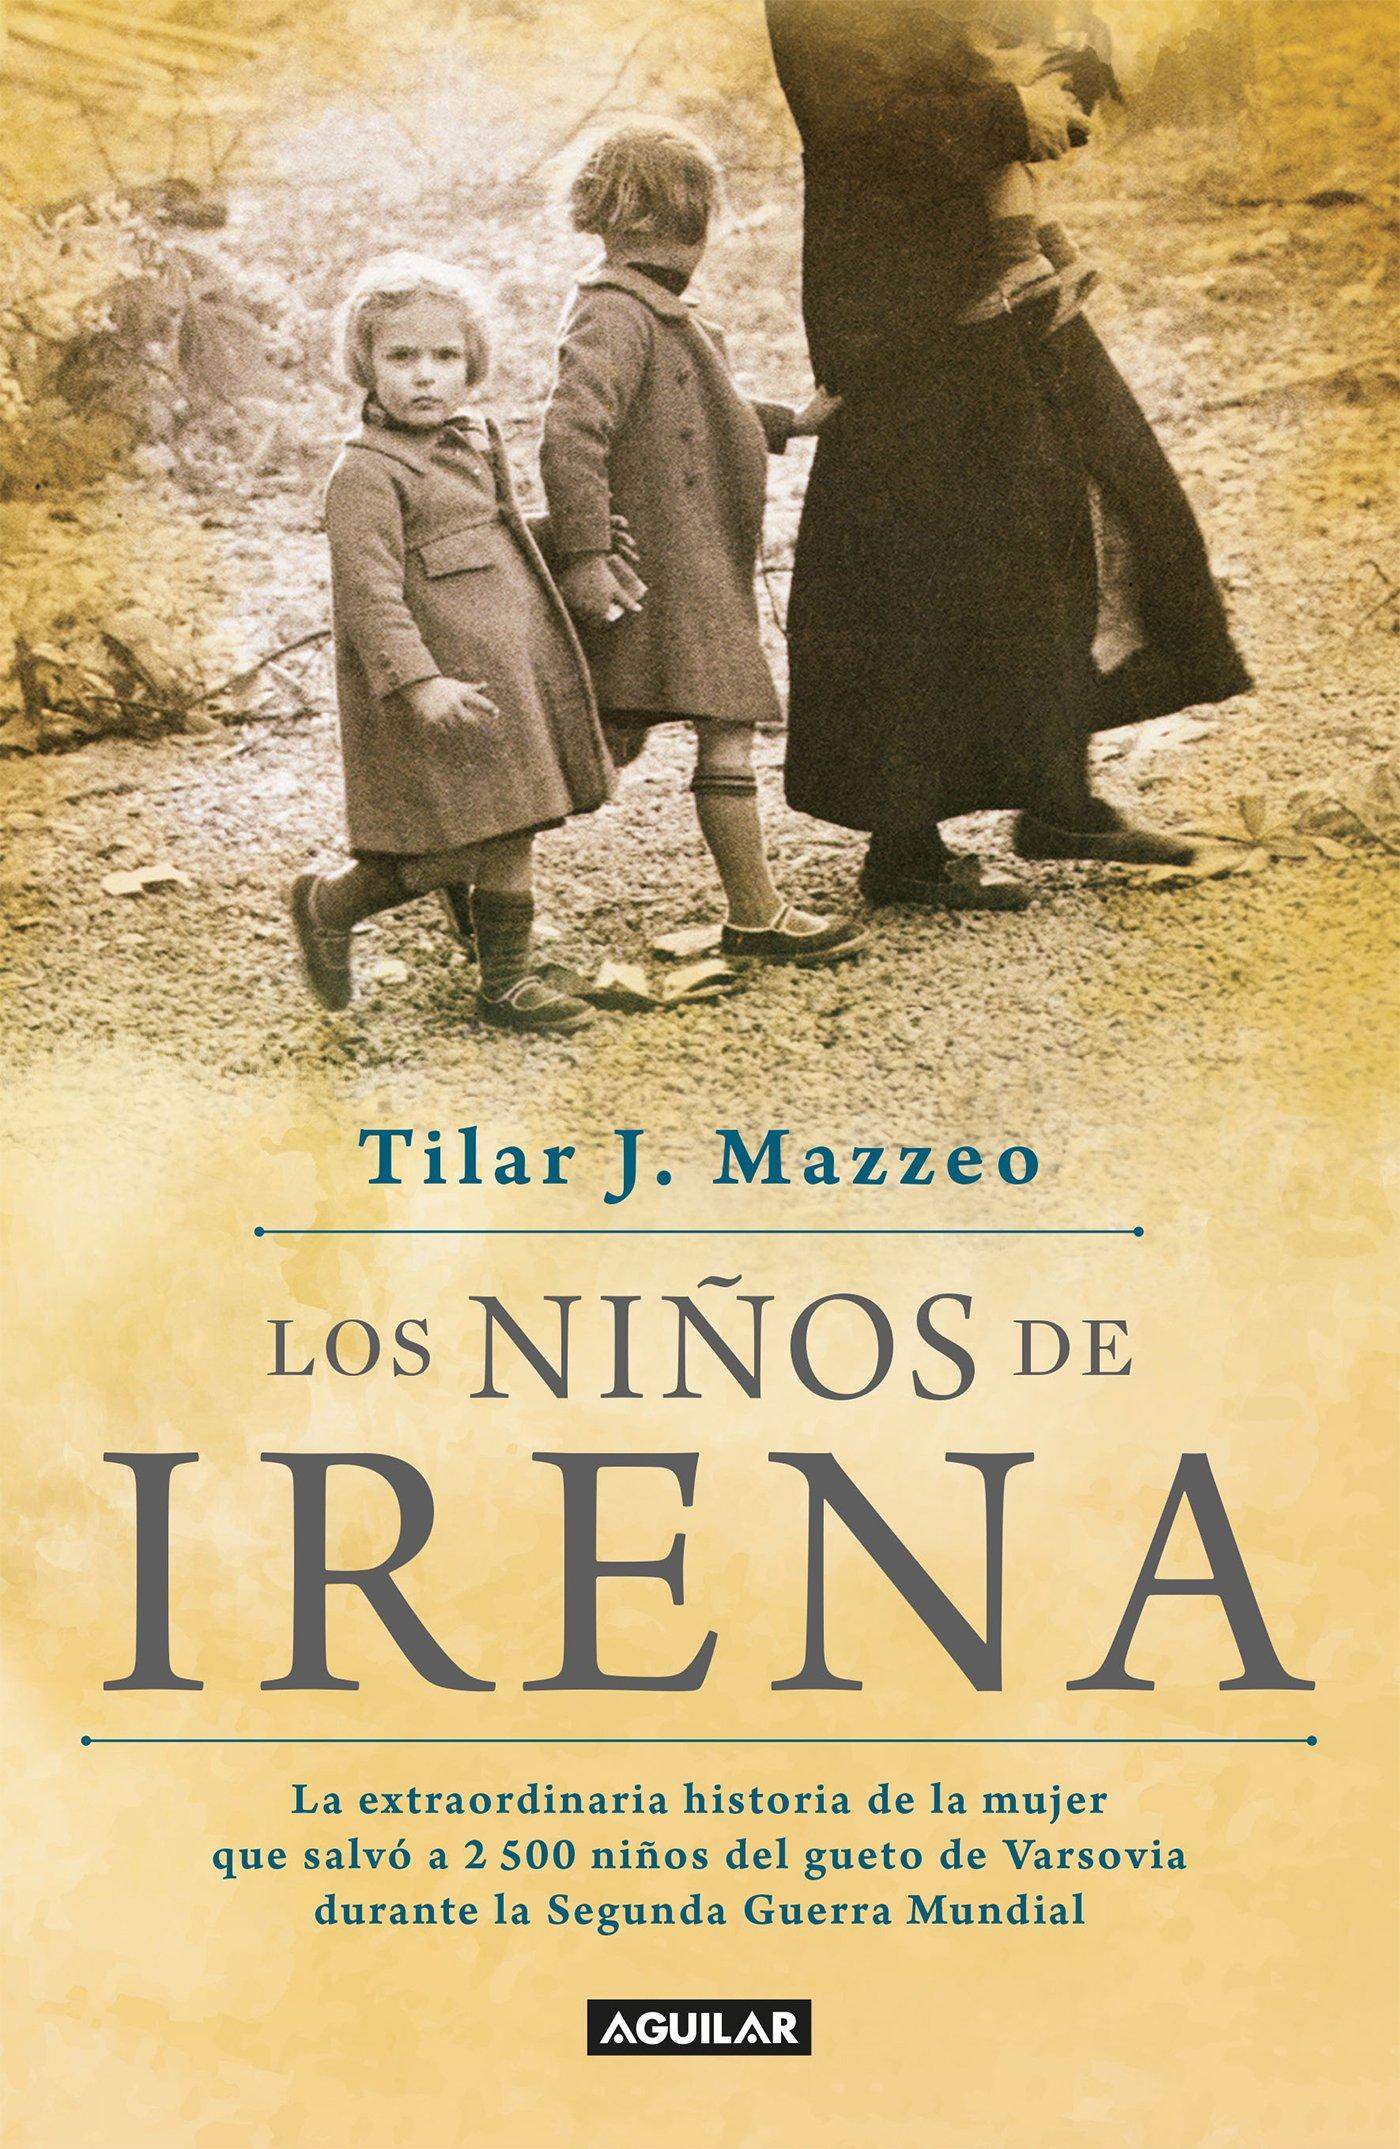 Los niños de Irena (Spanish Edition)